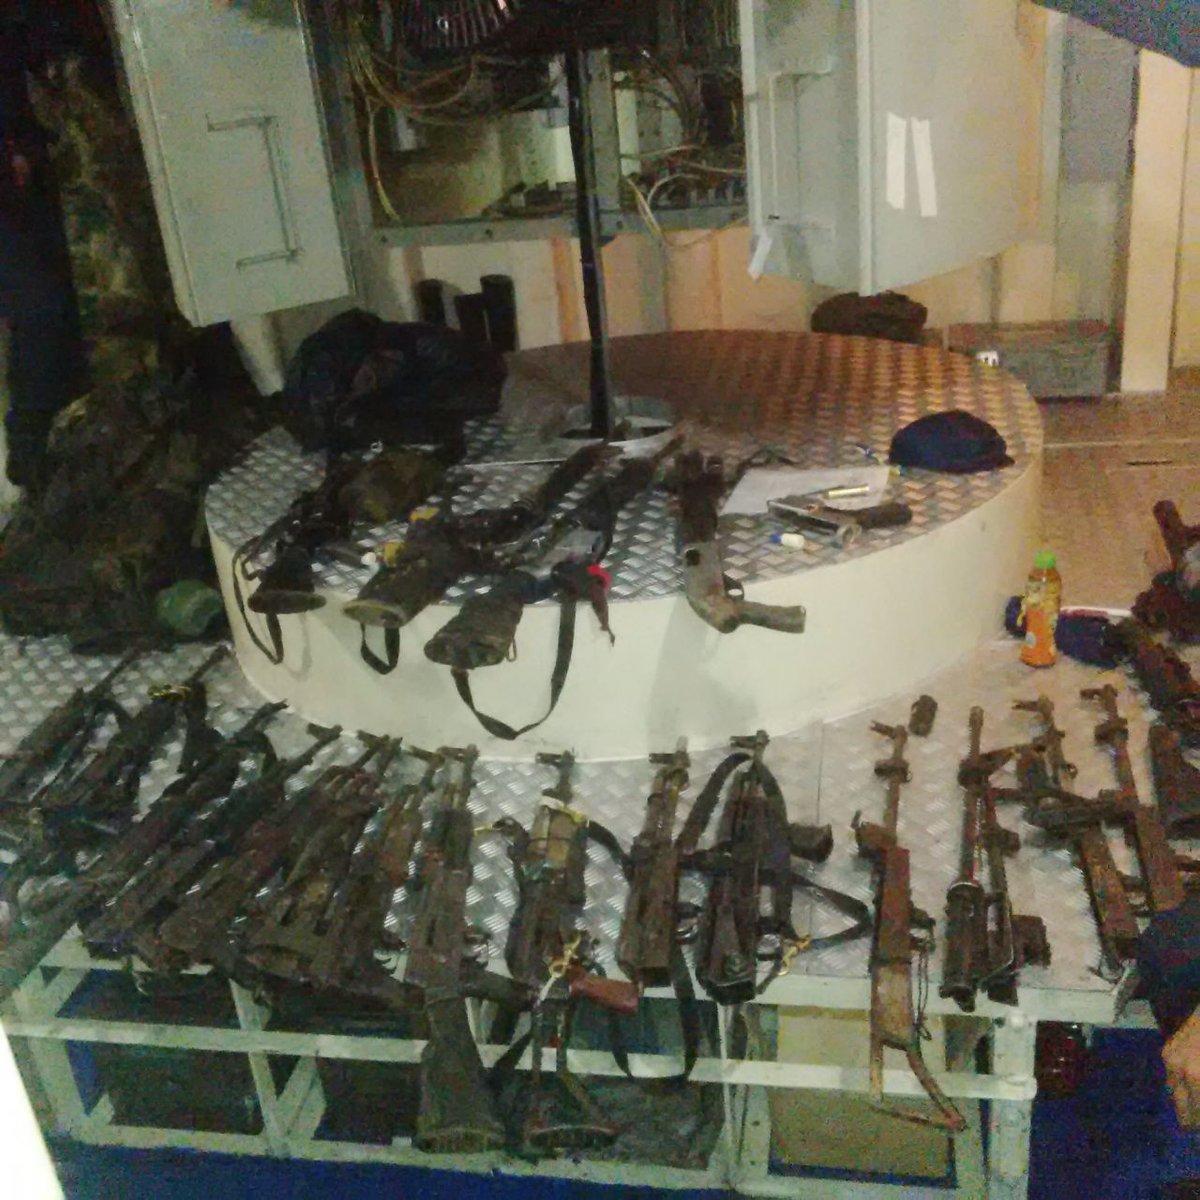 Se desmoviliza grupo de 24 guerrilleros del ELN, entre ellos un cabecilla